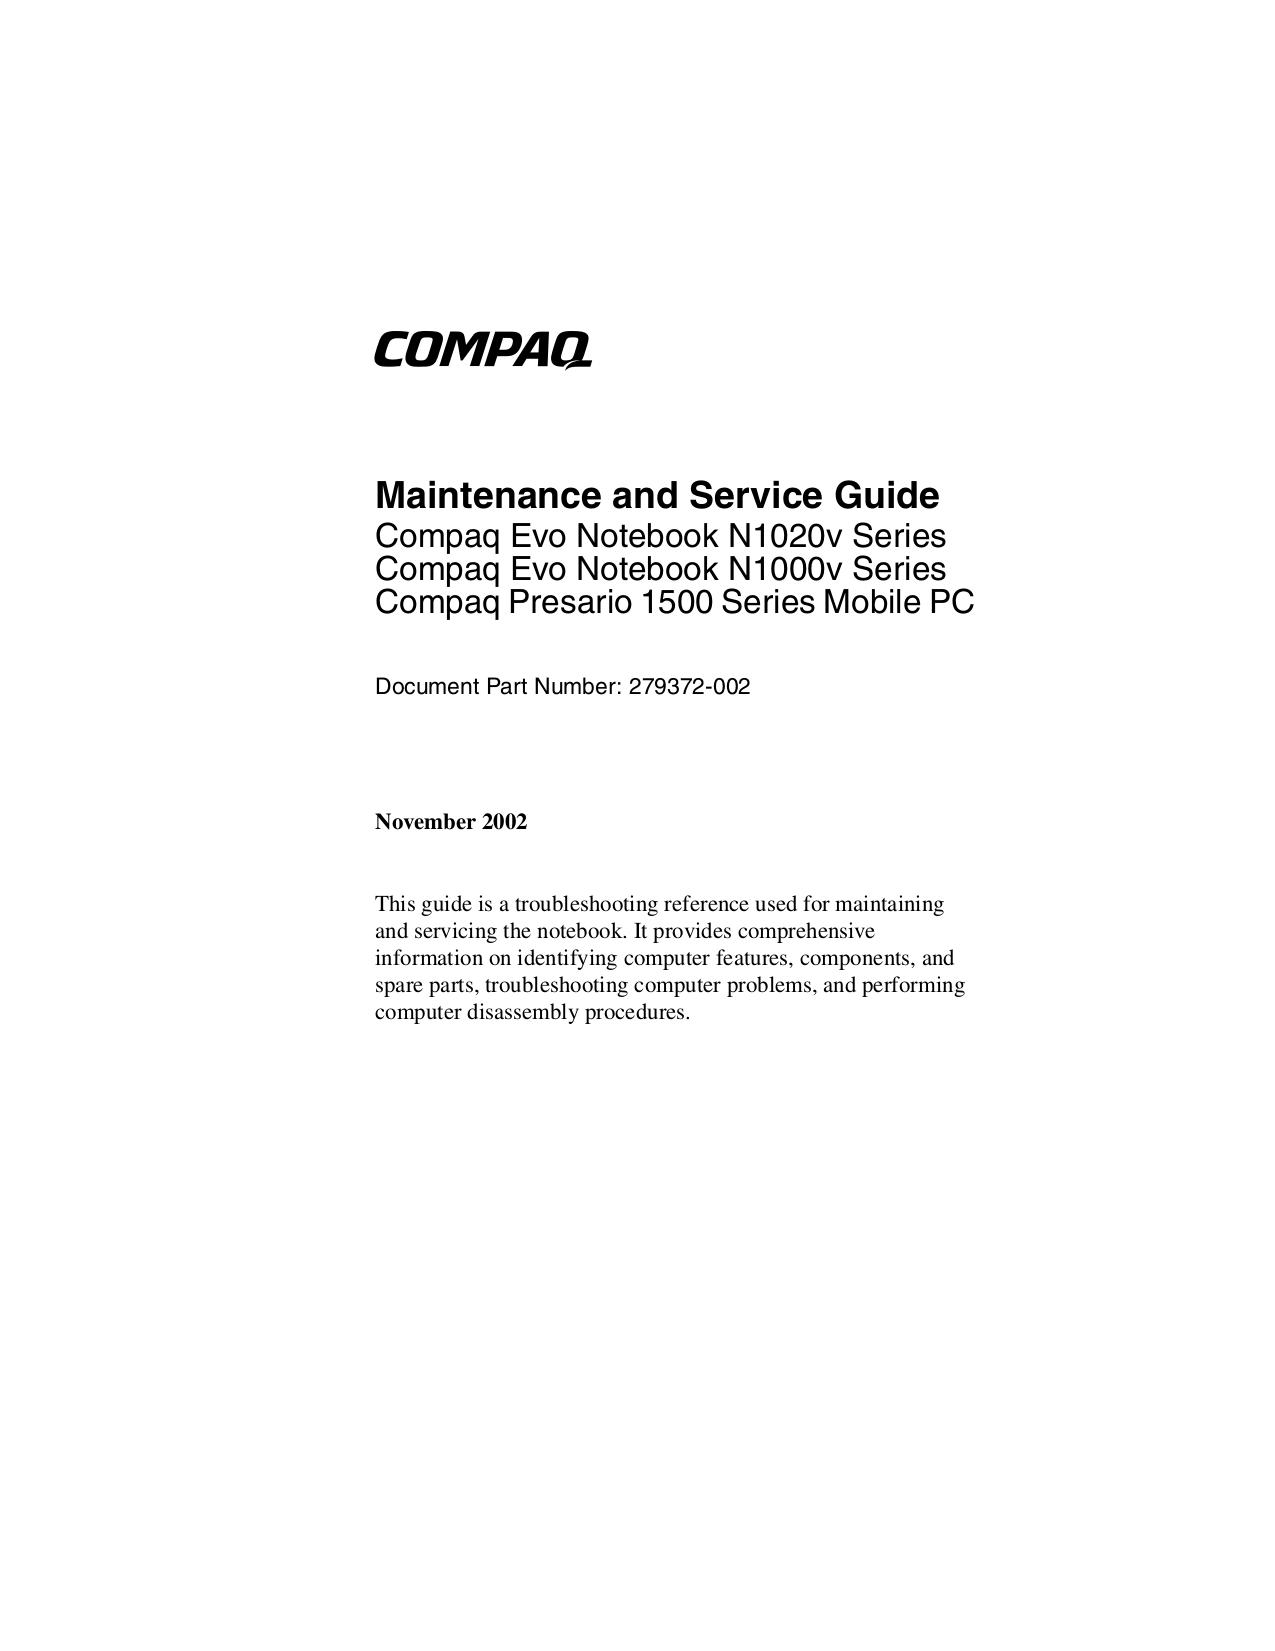 pdf for IBM Laptop ThinkPad 760EL manual